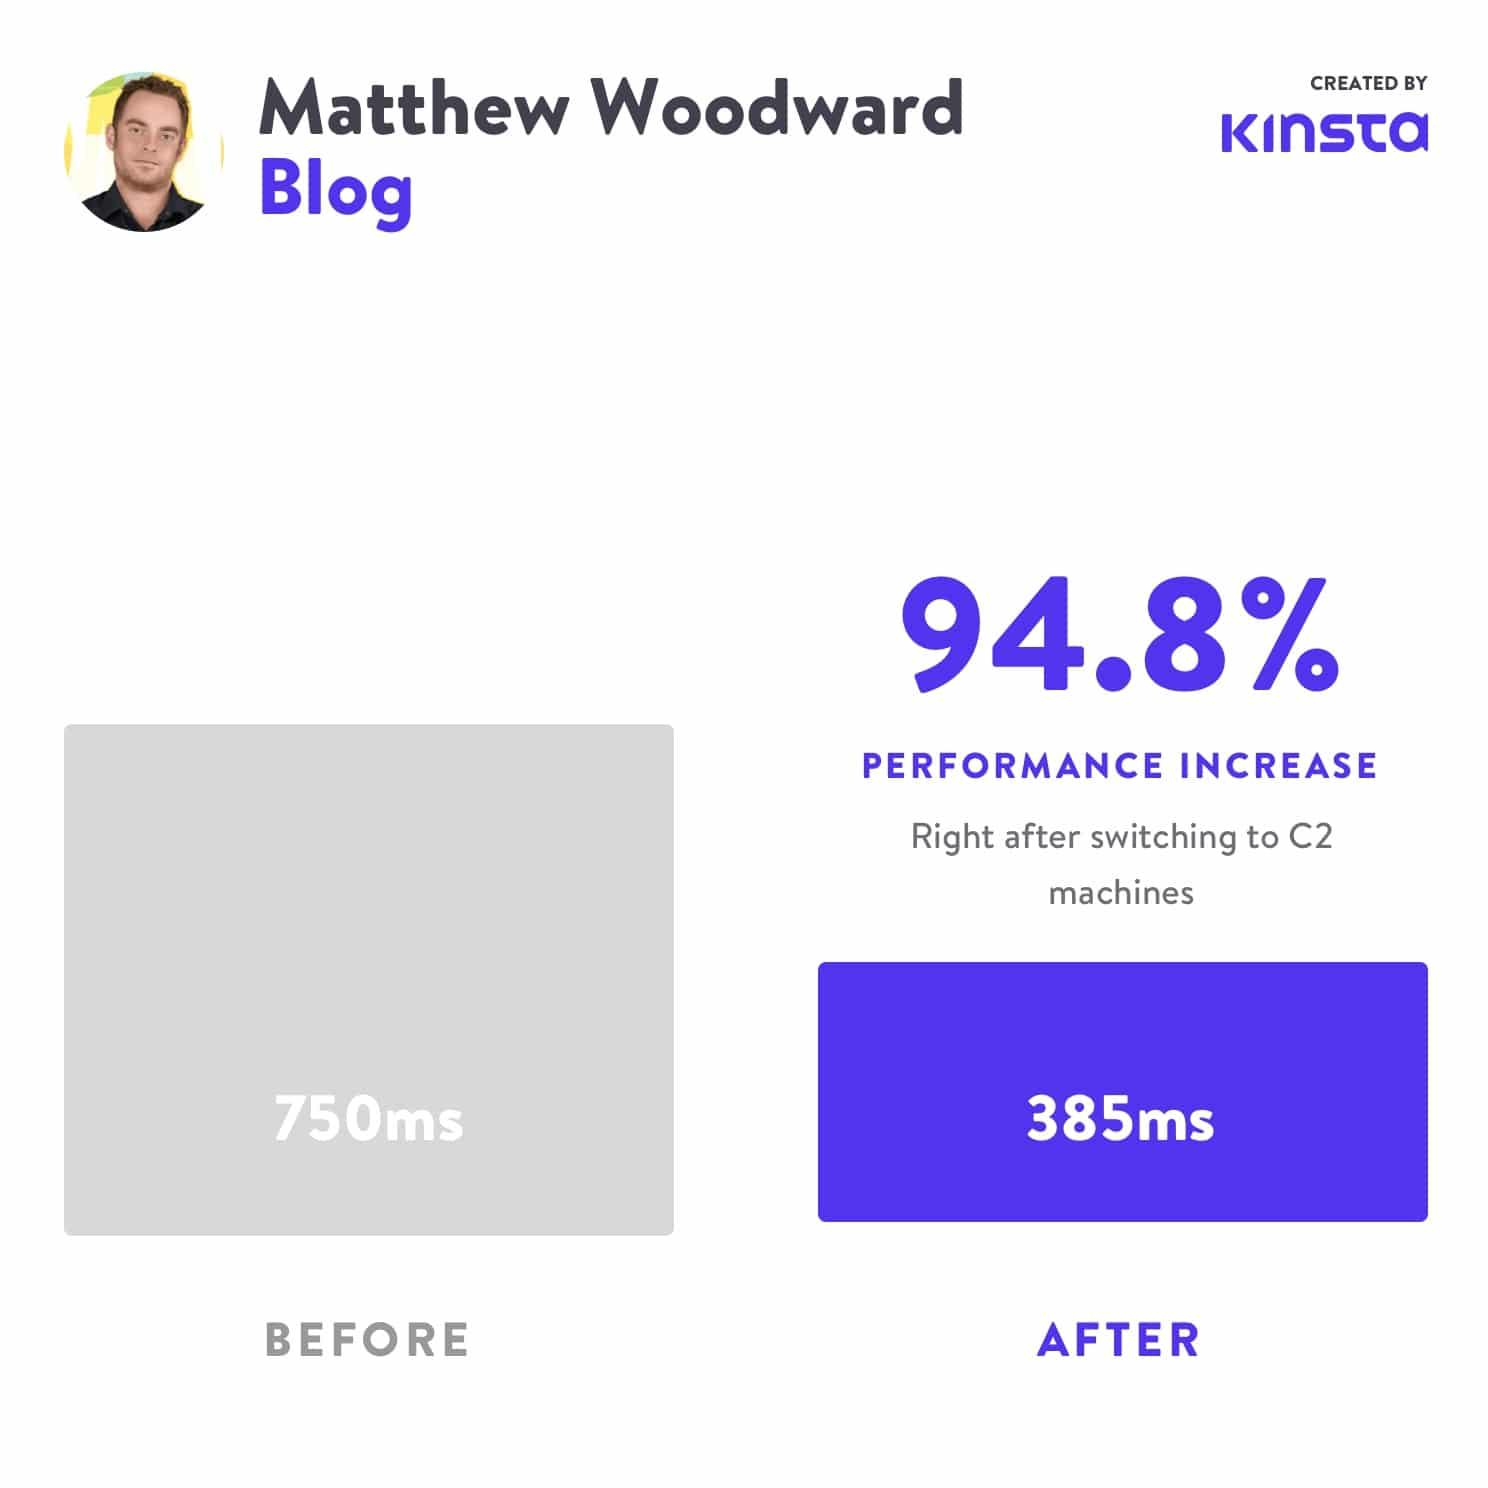 Matthew Woodward vio un aumento de rendimiento del 94,8% después de pasar a C2.